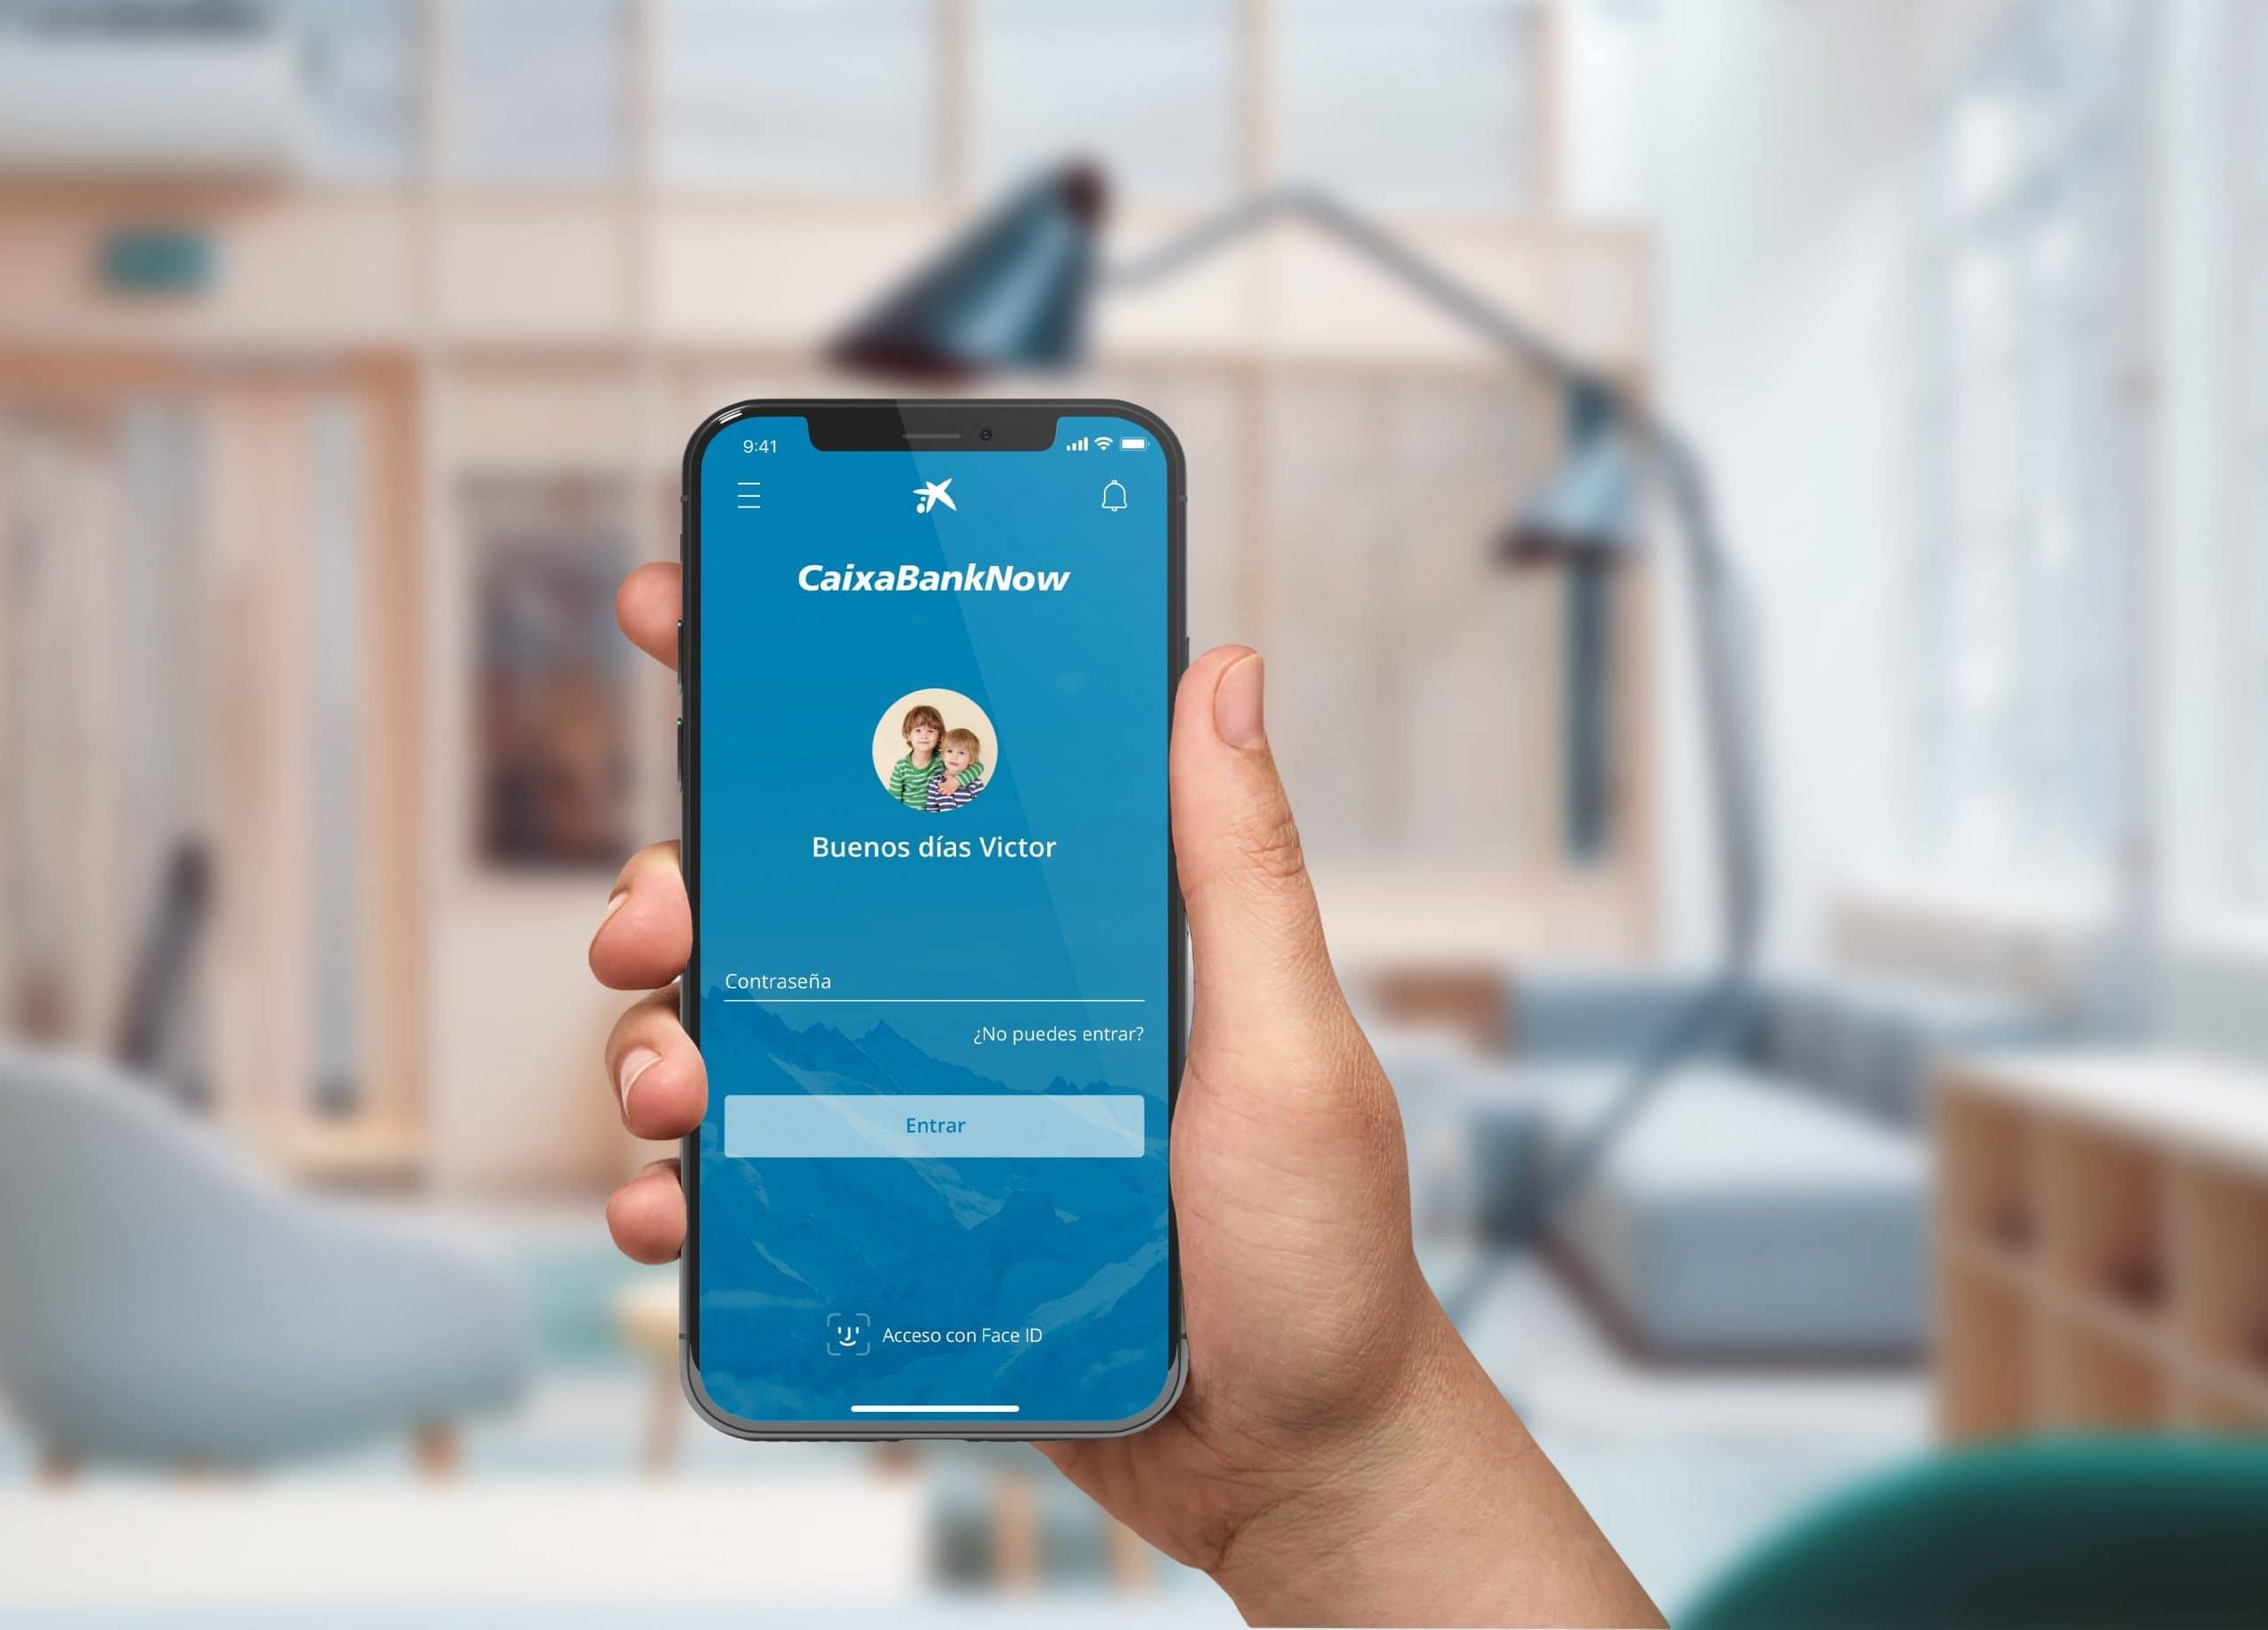 CaixaBank reforça el seu lideratge en banca digital i aconsegueix el 32,8% de quota en l'ús de canals web i mòbil